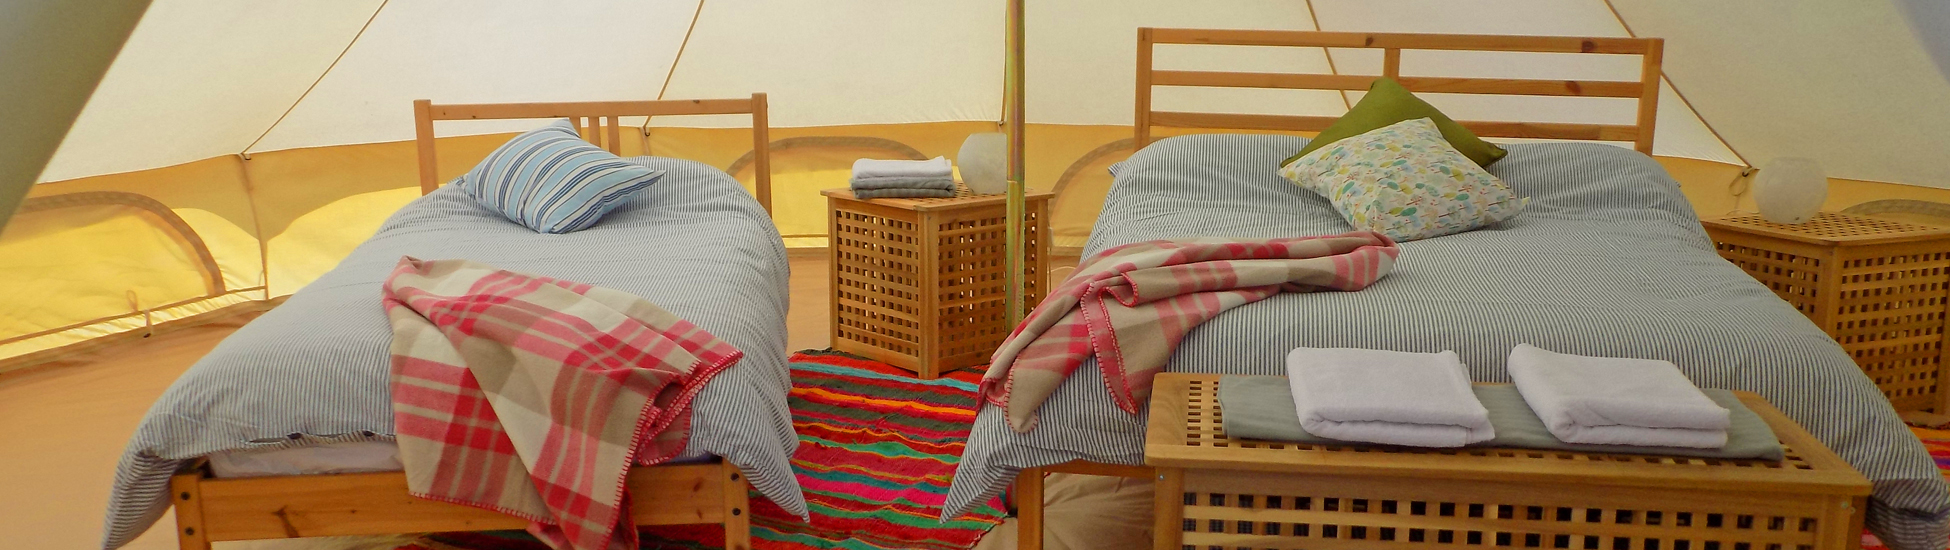 beds19